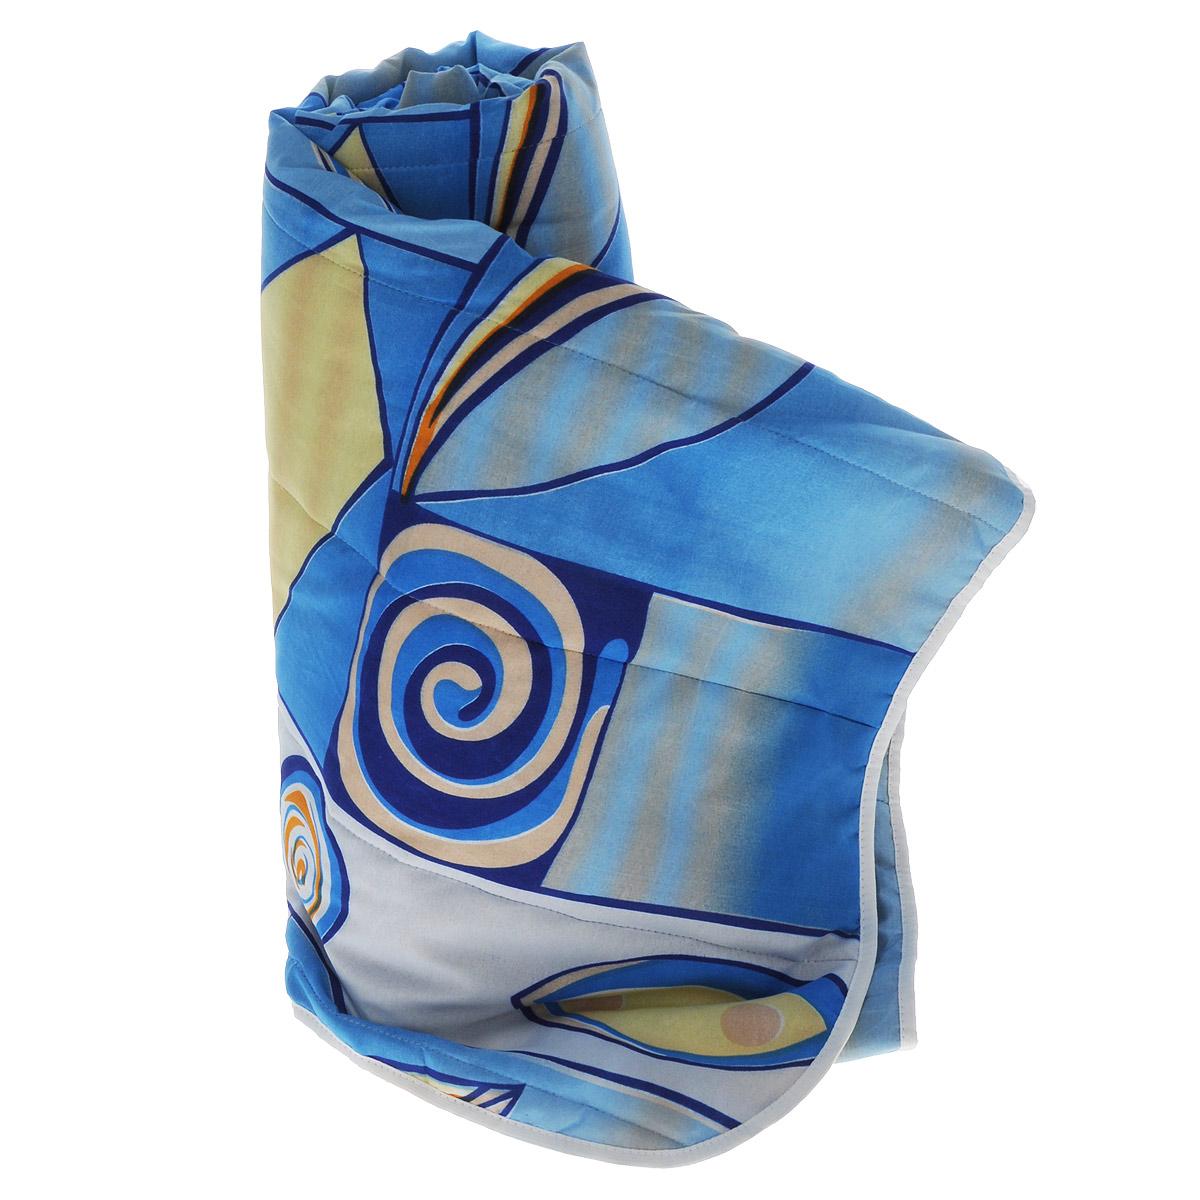 Одеяло летнее OL-Tex Miotex, наполнитель: холфитекс, цвет: синий, желтый, 200 х 220 смS03301004Чехол летнего одеяла OL-Tex Miotex выполнен из высококачественного полиэстера. Наполнитель - холфитекс. Одеяло простегано - значит, наполнитель внутри будет всегда распределен равномерно. Изделие оформлено ярким рисунком.Идеально подойдет тем, кто ценит мягкость и тепло. Ручная стирка при температуре 30°С. Материал чехла: 100% полиэстер.Наполнитель: холфитекс.